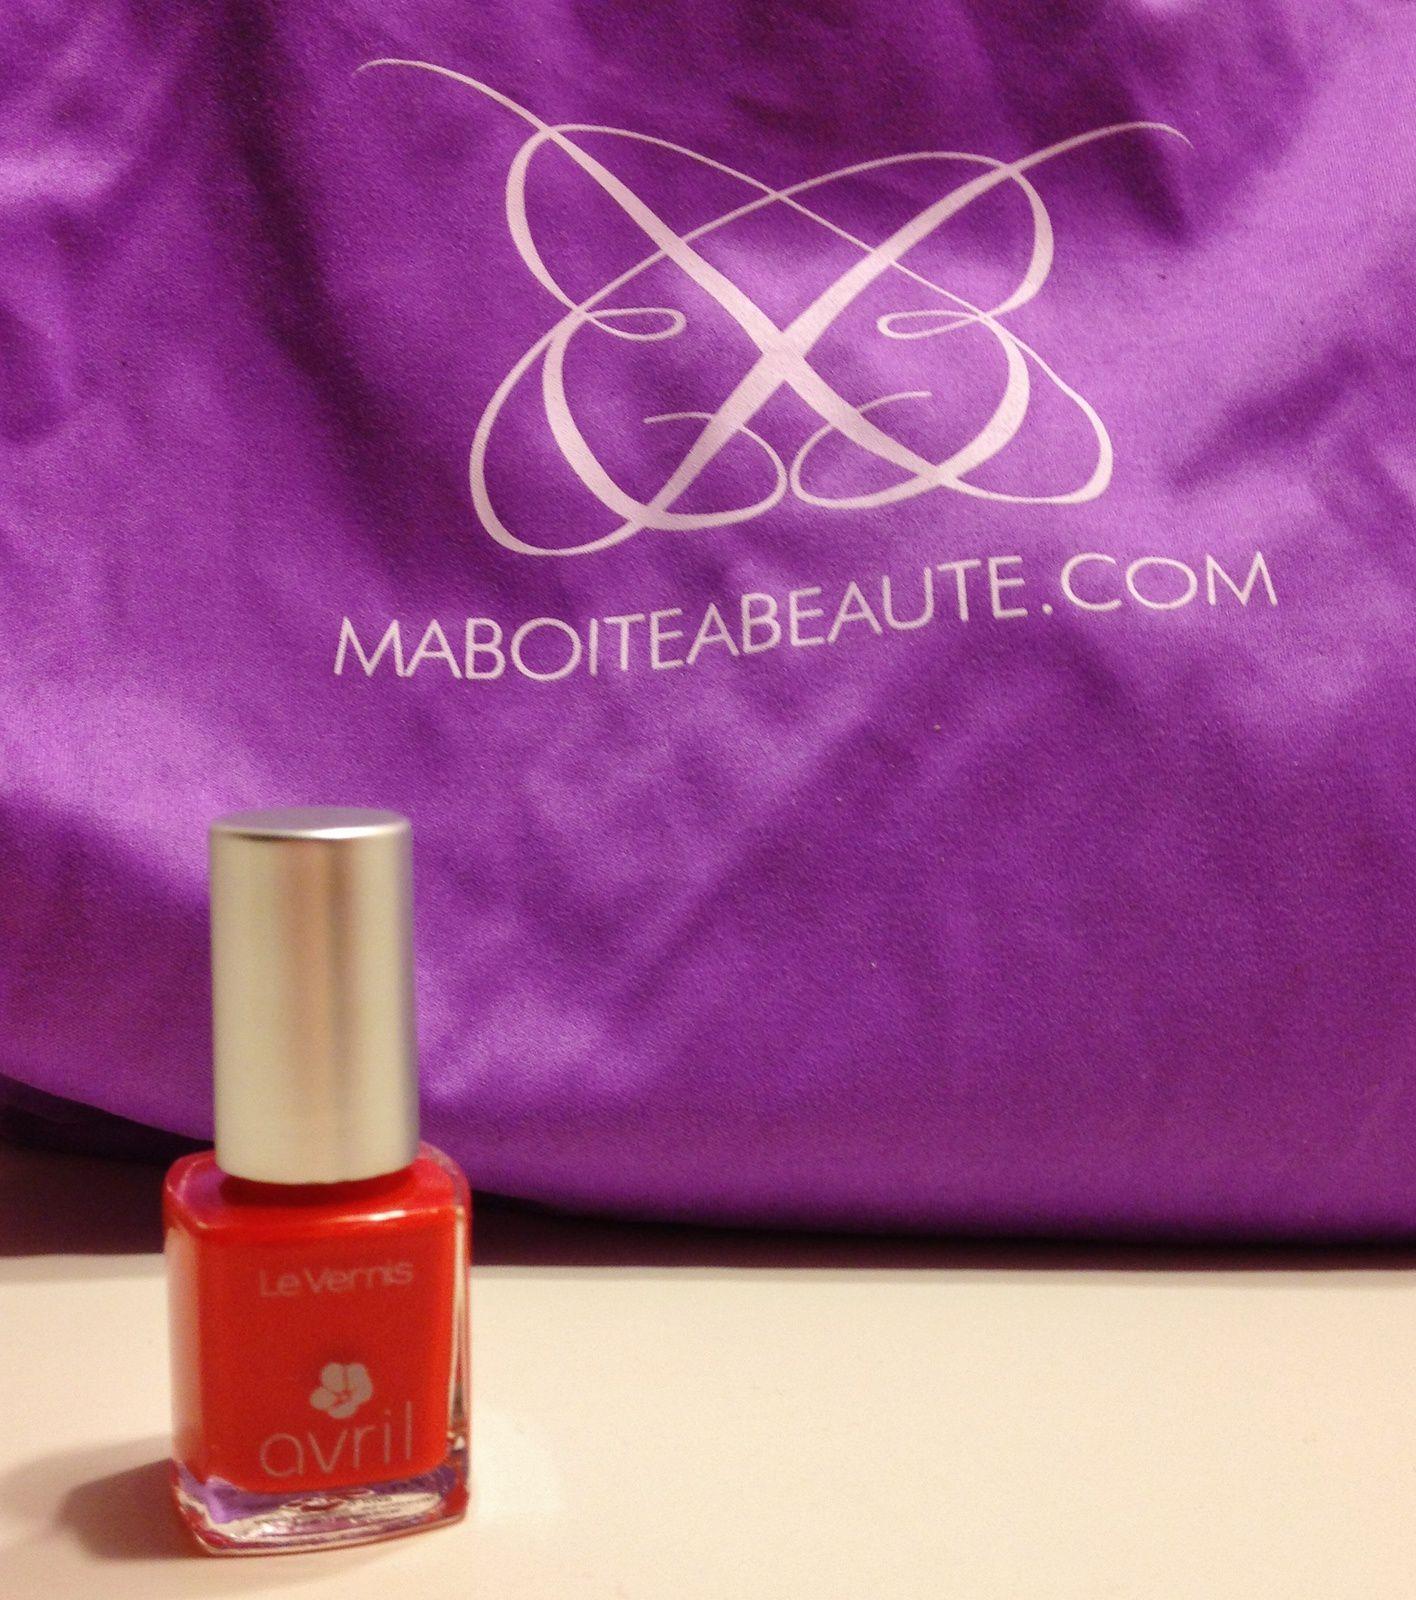 Un vernis de la marque Avril. On le sait j'adore les vernis. Mais là je n'accroche pas du tout avec la couleur: orange.